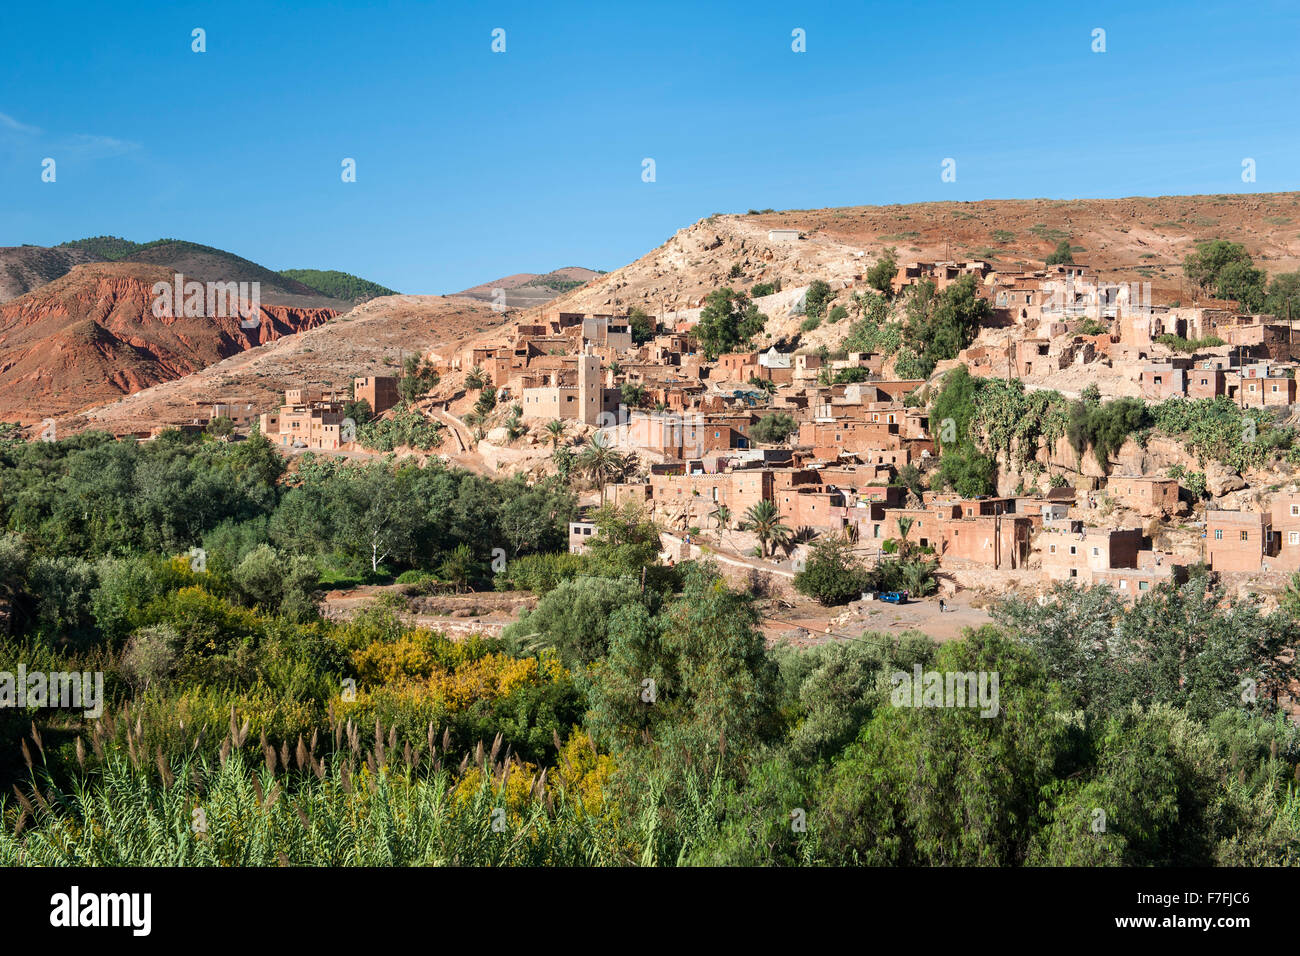 Aldea de Asni, en las estribaciones de las montañas del Atlas en Marruecos. Imagen De Stock